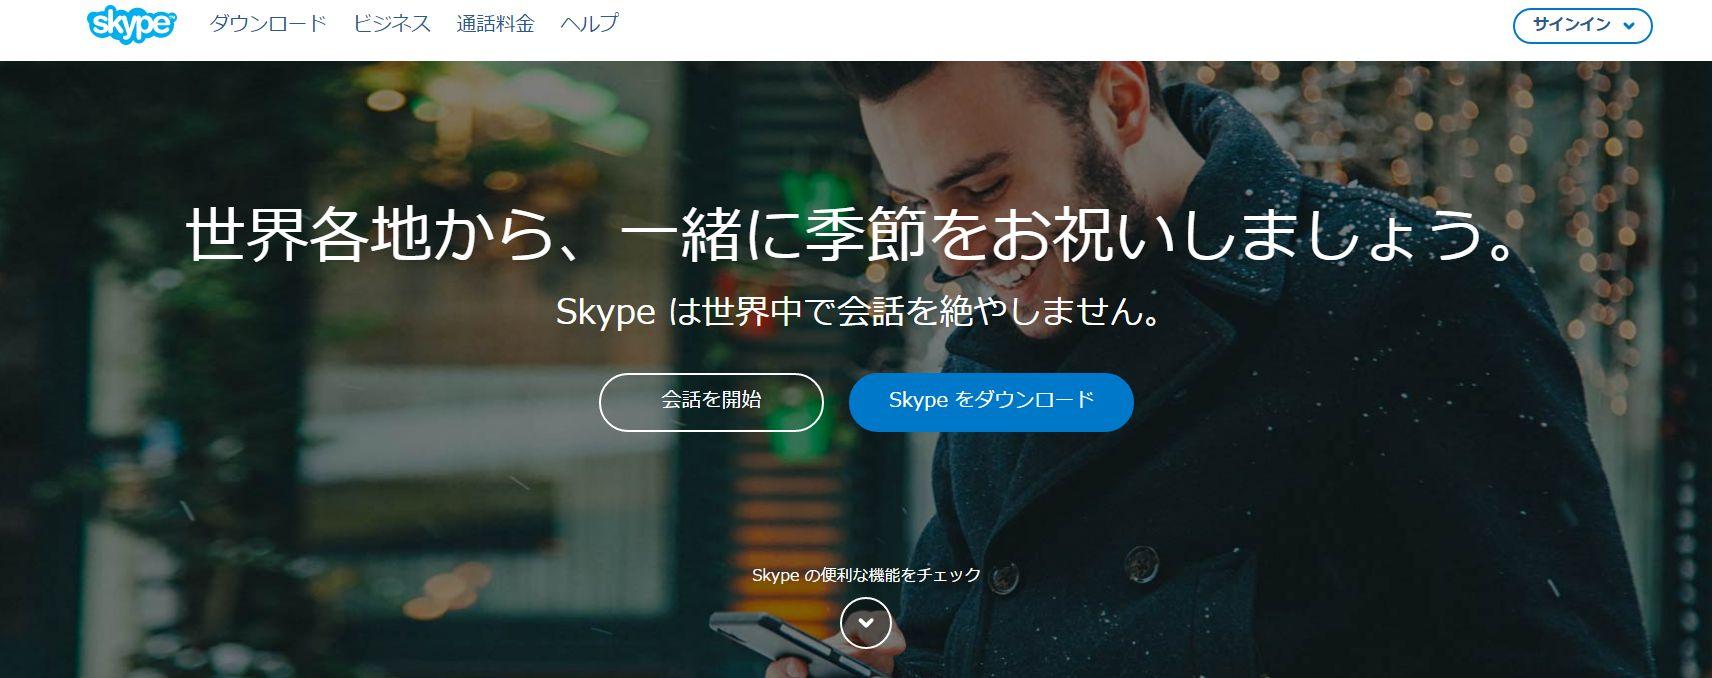 【2017年最新版】skypeアカウント新規作成方法を解説!